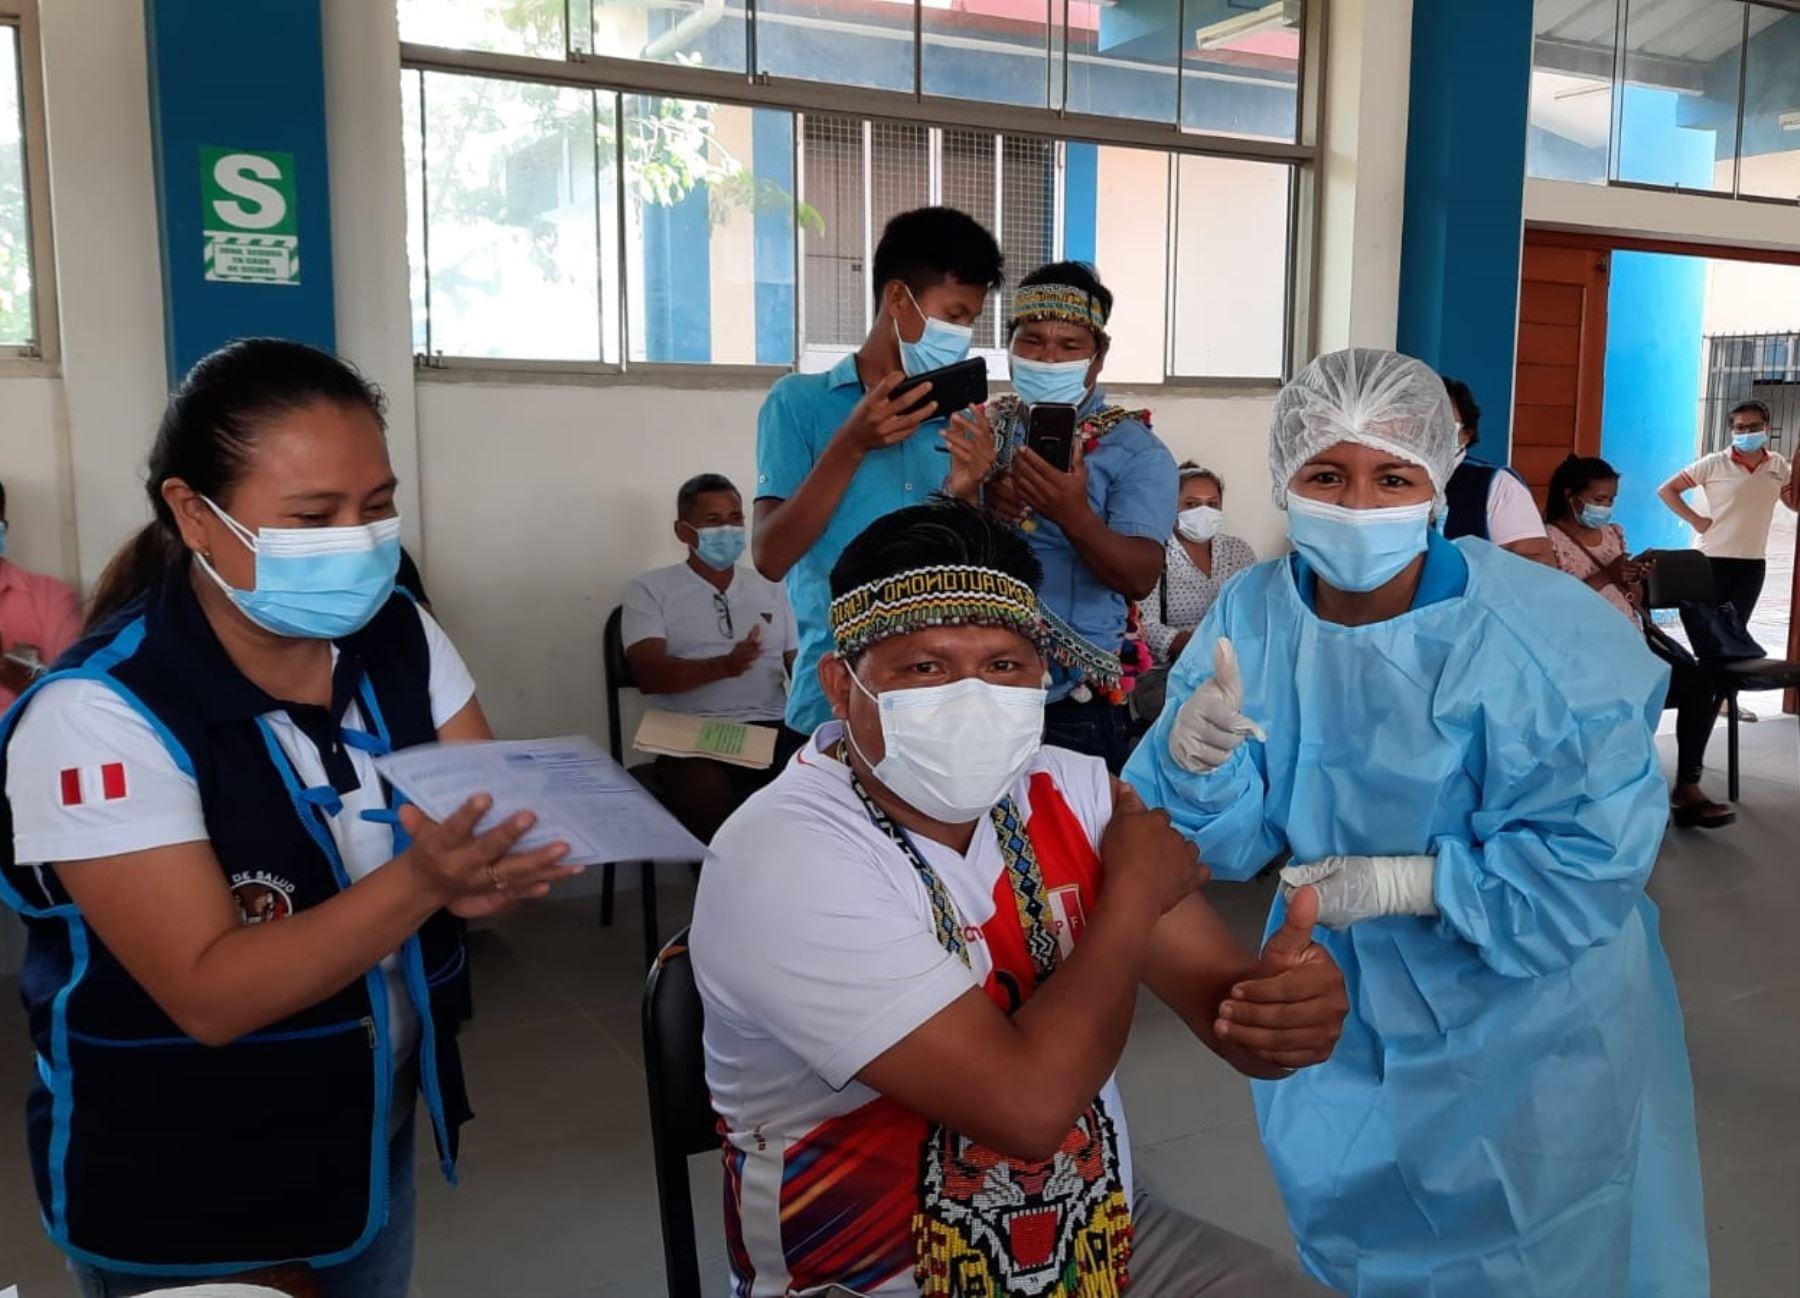 Especialistas del Minsa capacitan a líderes indígenas de la provincia de Alto Amazonas, región Loreto, sobre la importancia de la vacuna contra el covid-19. ANDINA/Difusión